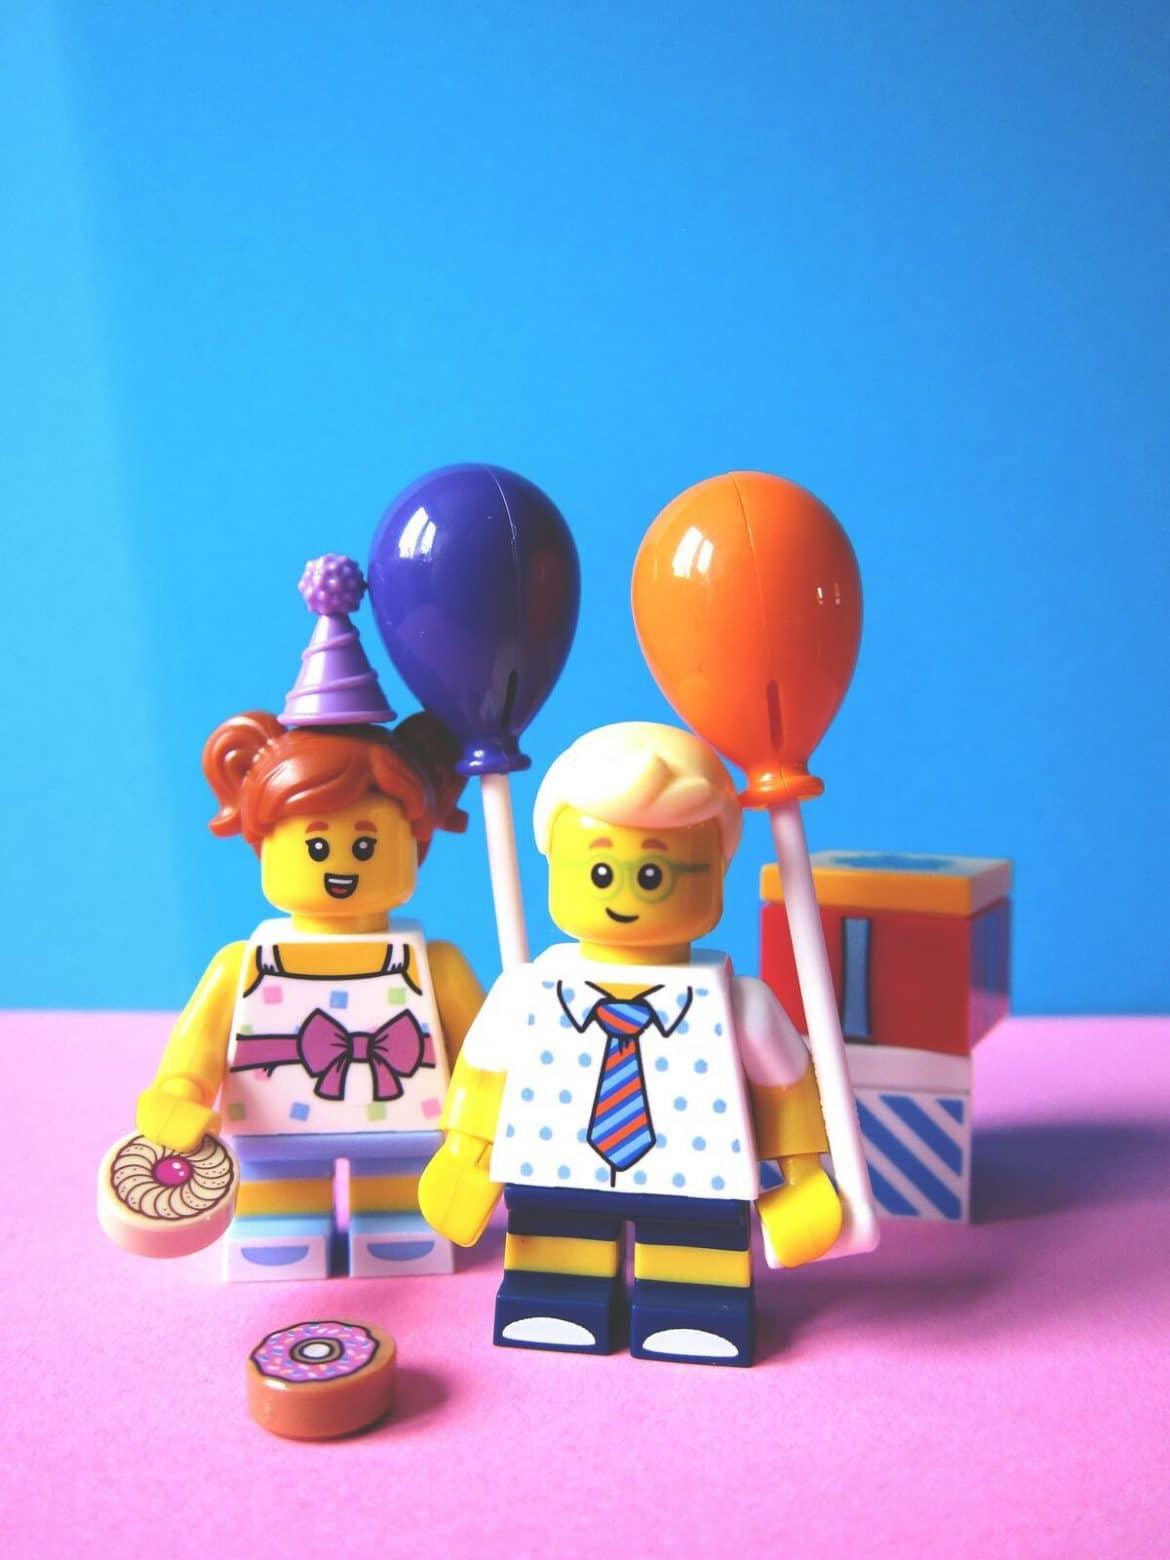 Geburtstag mit den Kollegen im Büro feiern